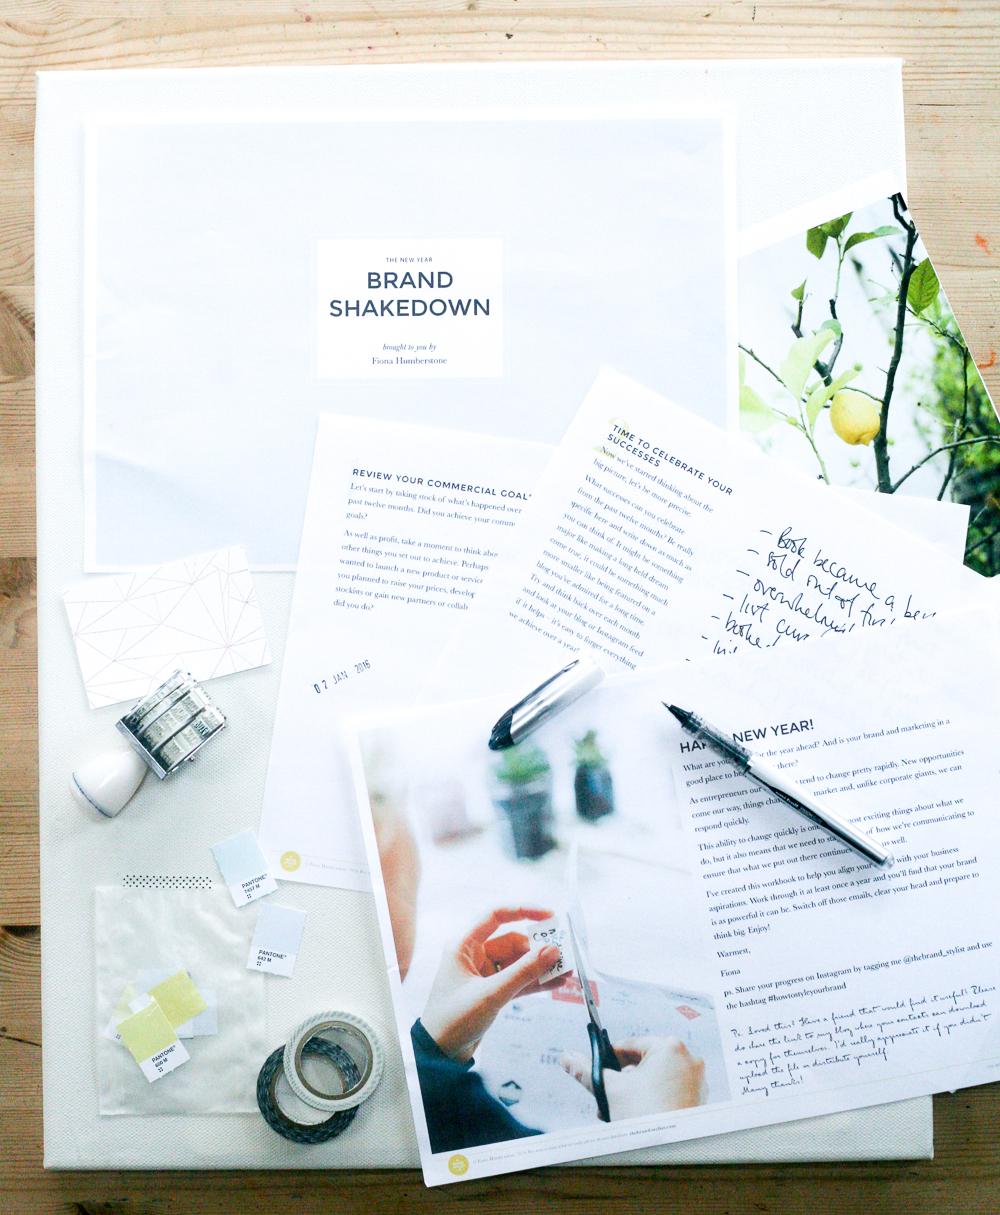 New-Year-Brand-Shakedown-Planning-Tool-1.jpg